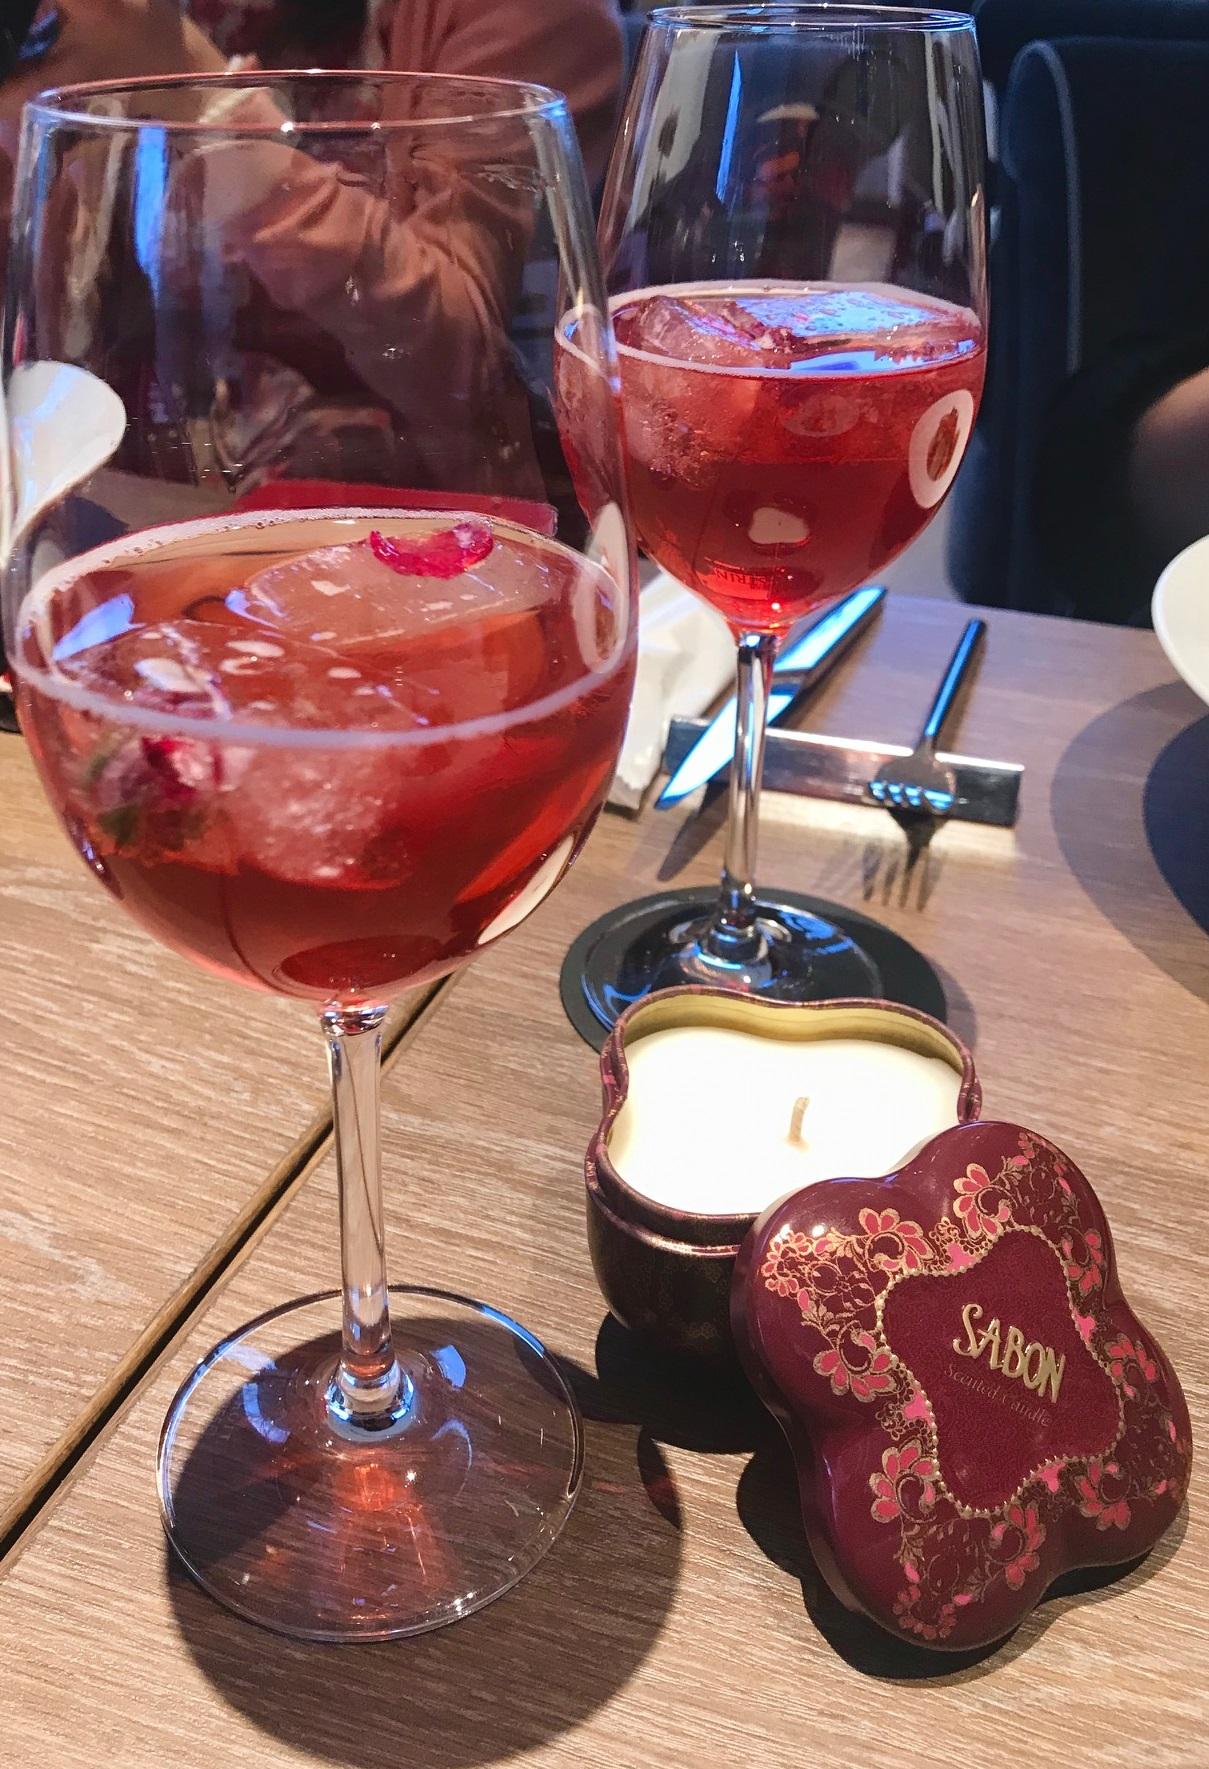 『SABON』が贈る、ローズ香るピンクのディナー(しかも特典つき♡)!! 今度のデートや女子会は『ザ ストリングス 表参道』で_9